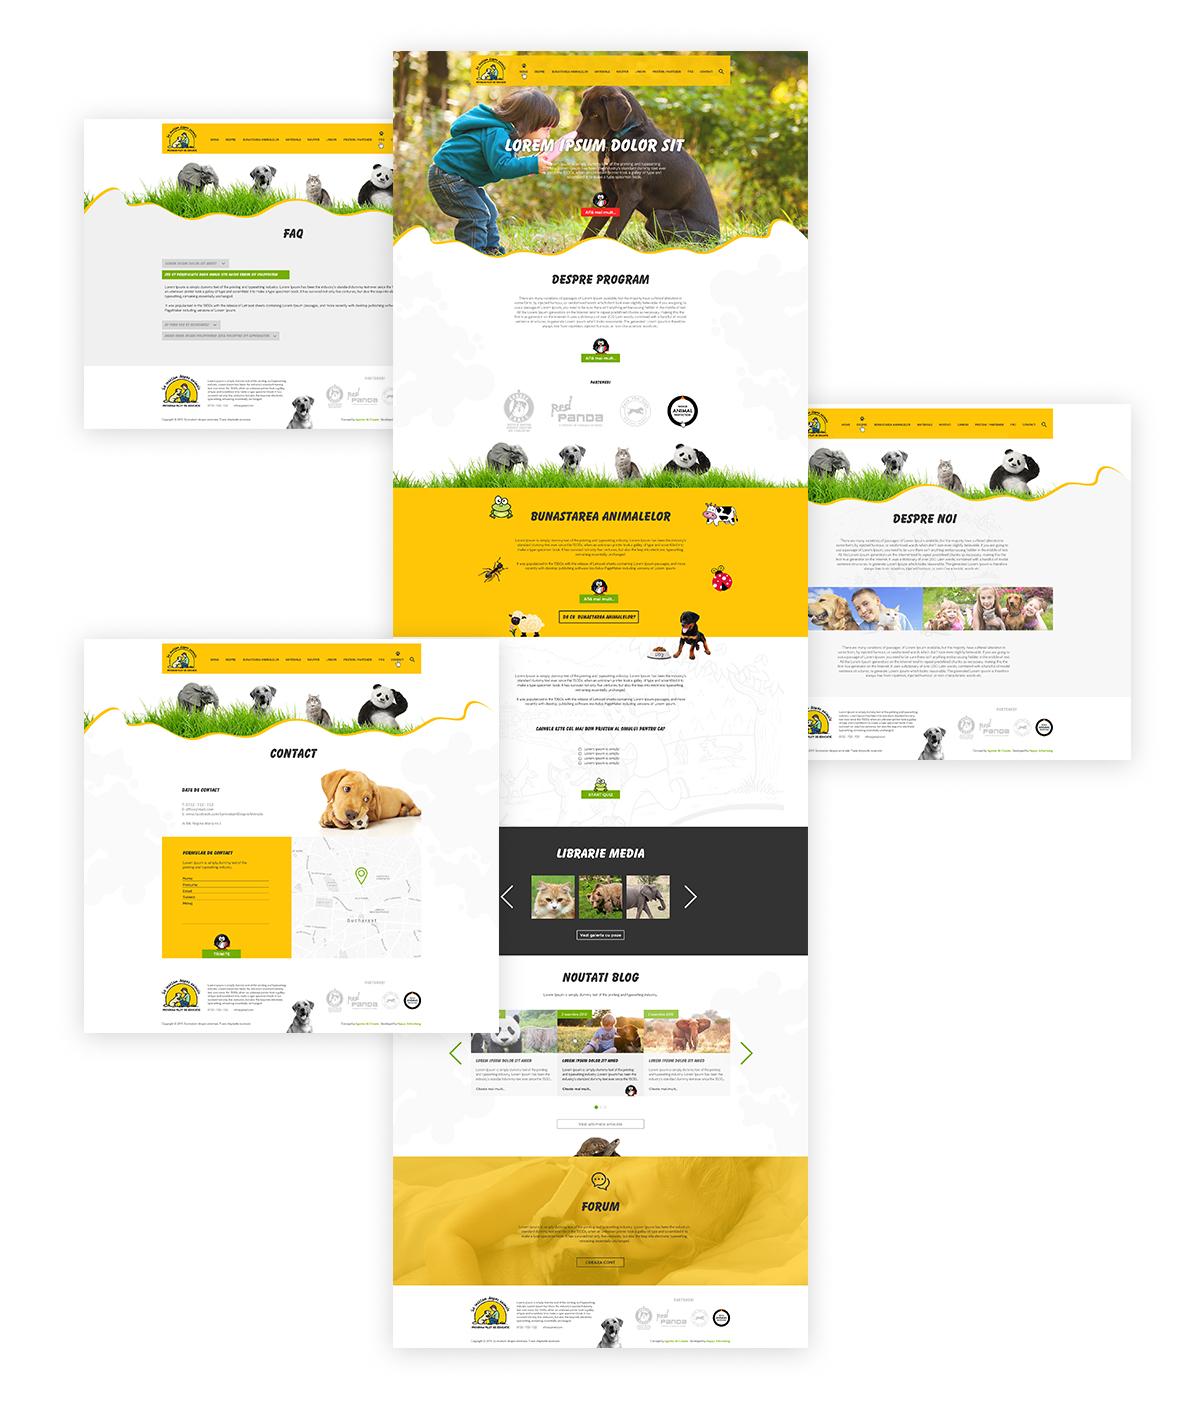 sida web2 - Sa invatam despre animale